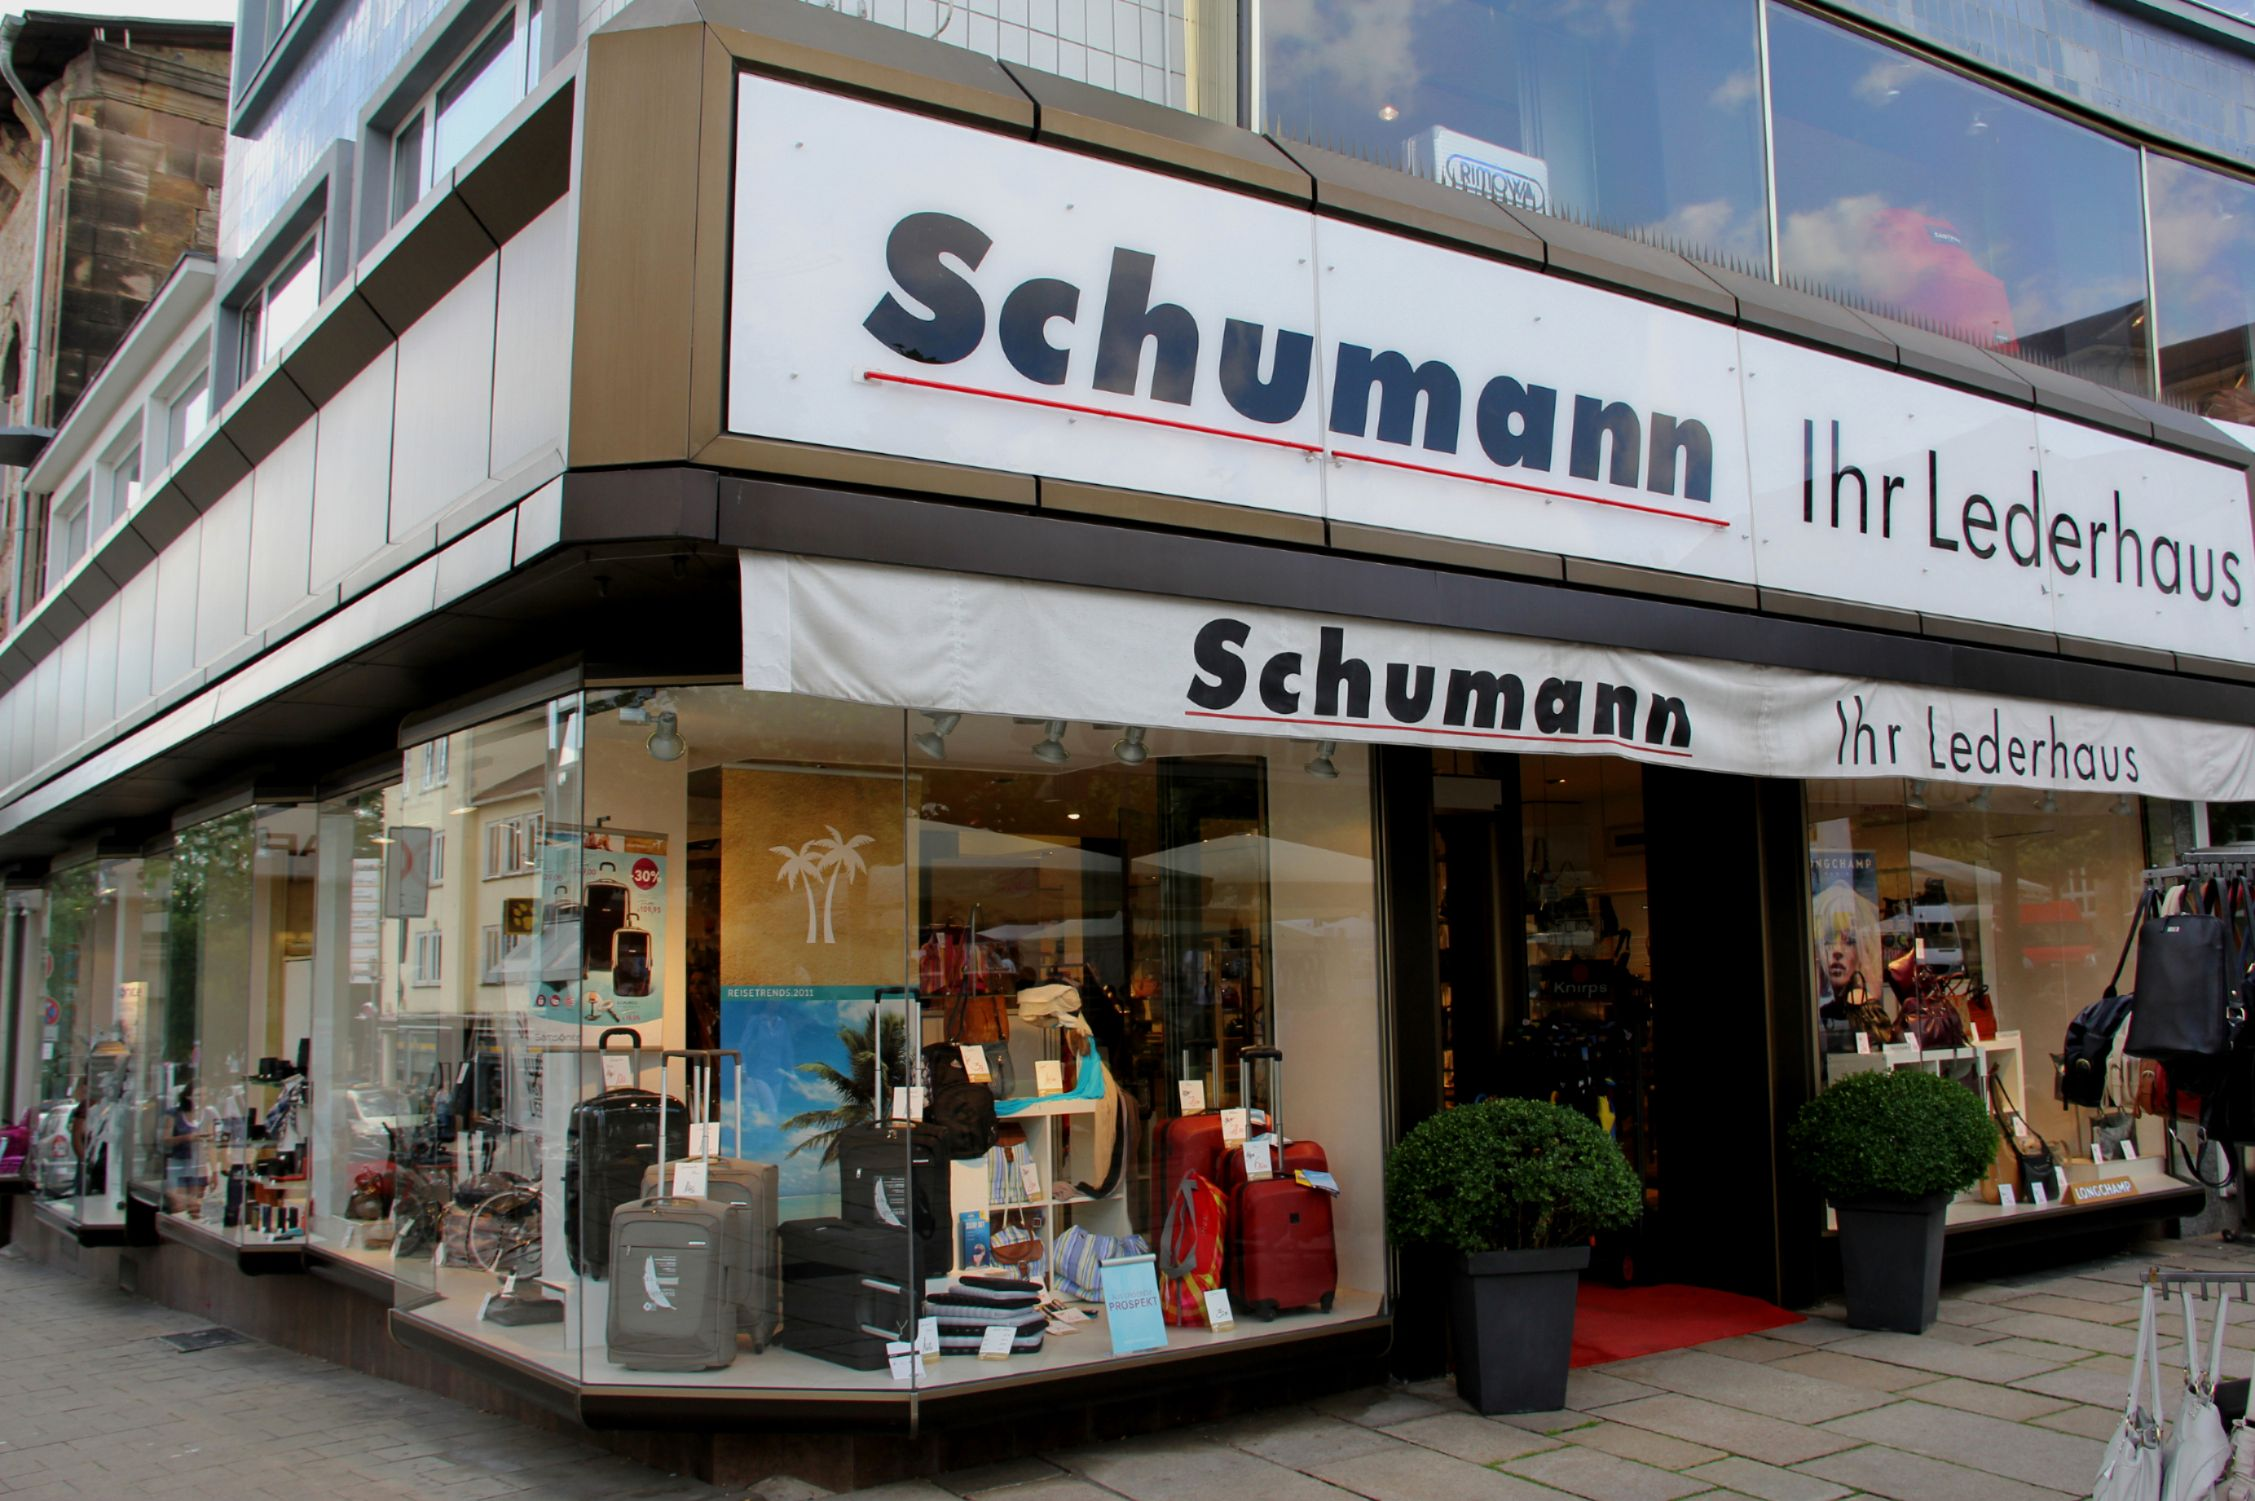 Lederhaus Schumann